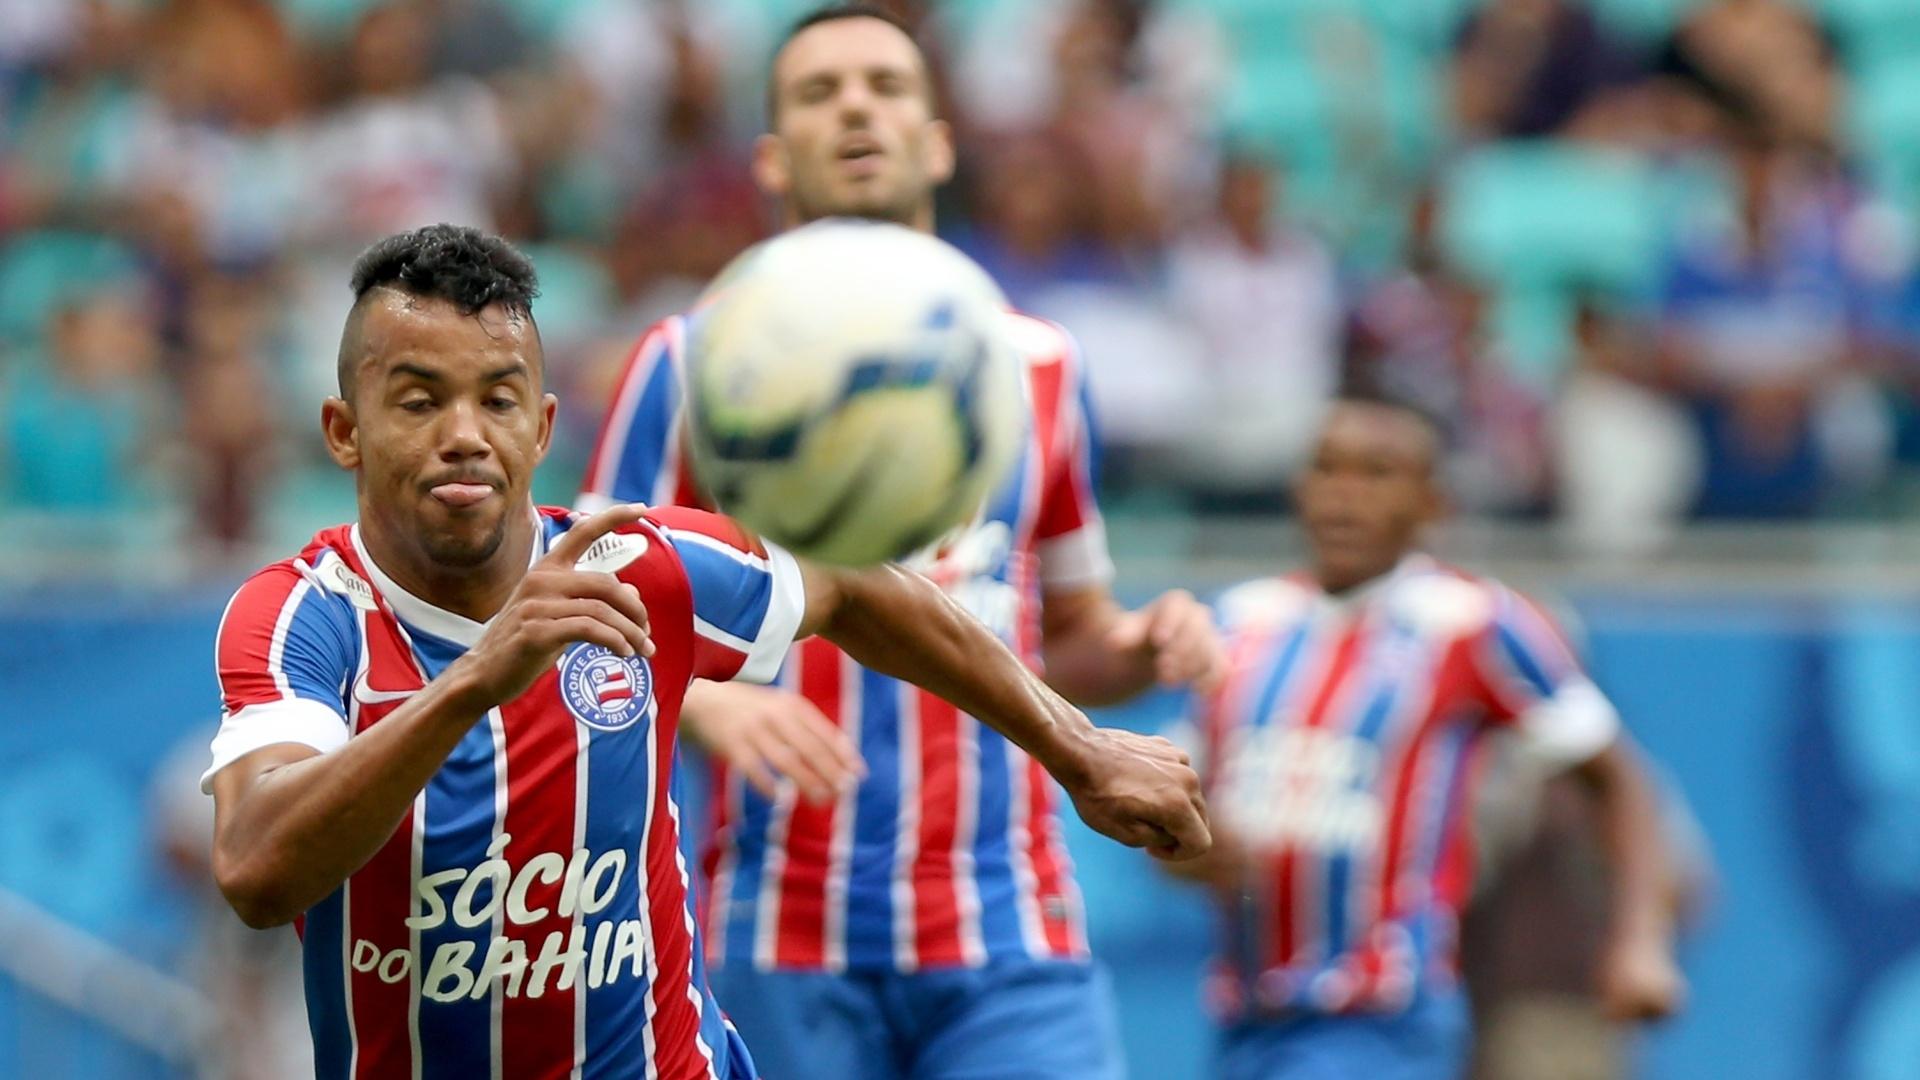 Railan, do Bahia, domina a bola durante a partida contra o Corinthians